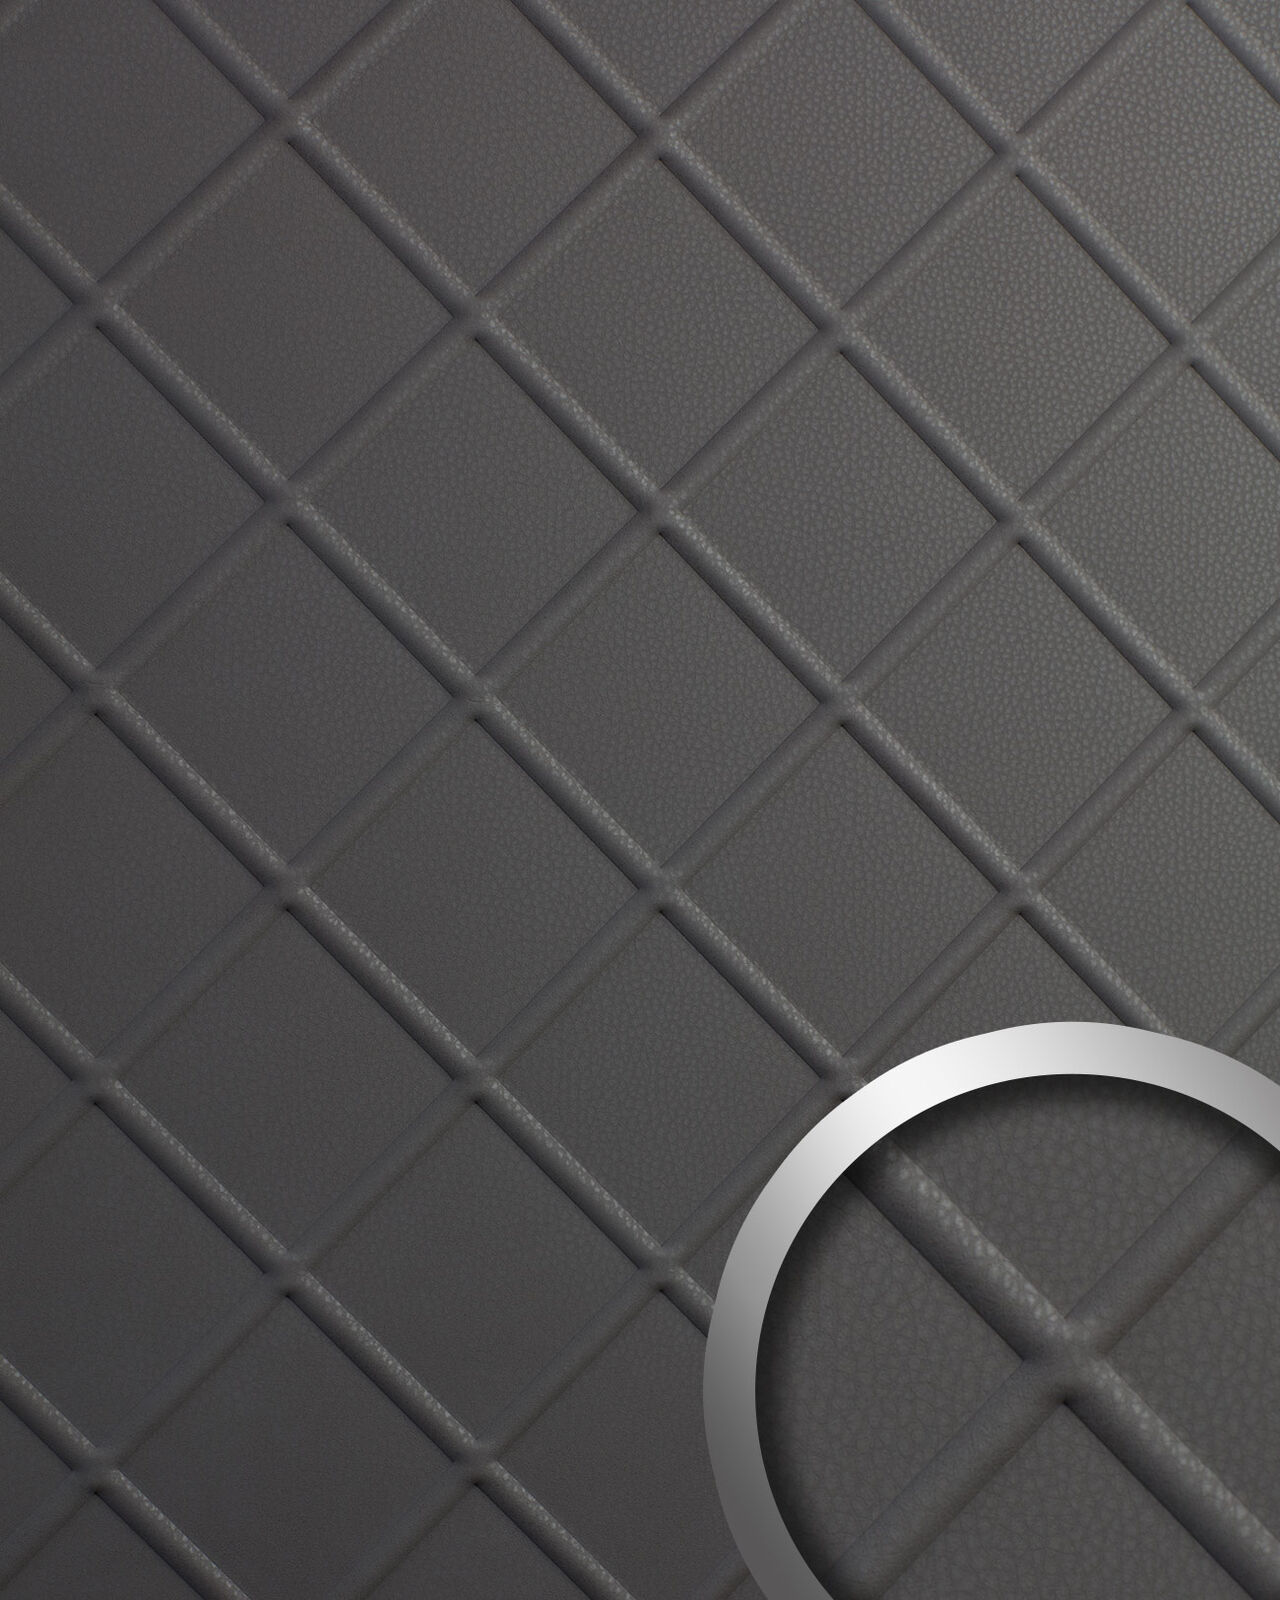 WallFace 19546 CORD Charcoal Light Wandverkleidung Leder Optik matt grau 2,6 m2